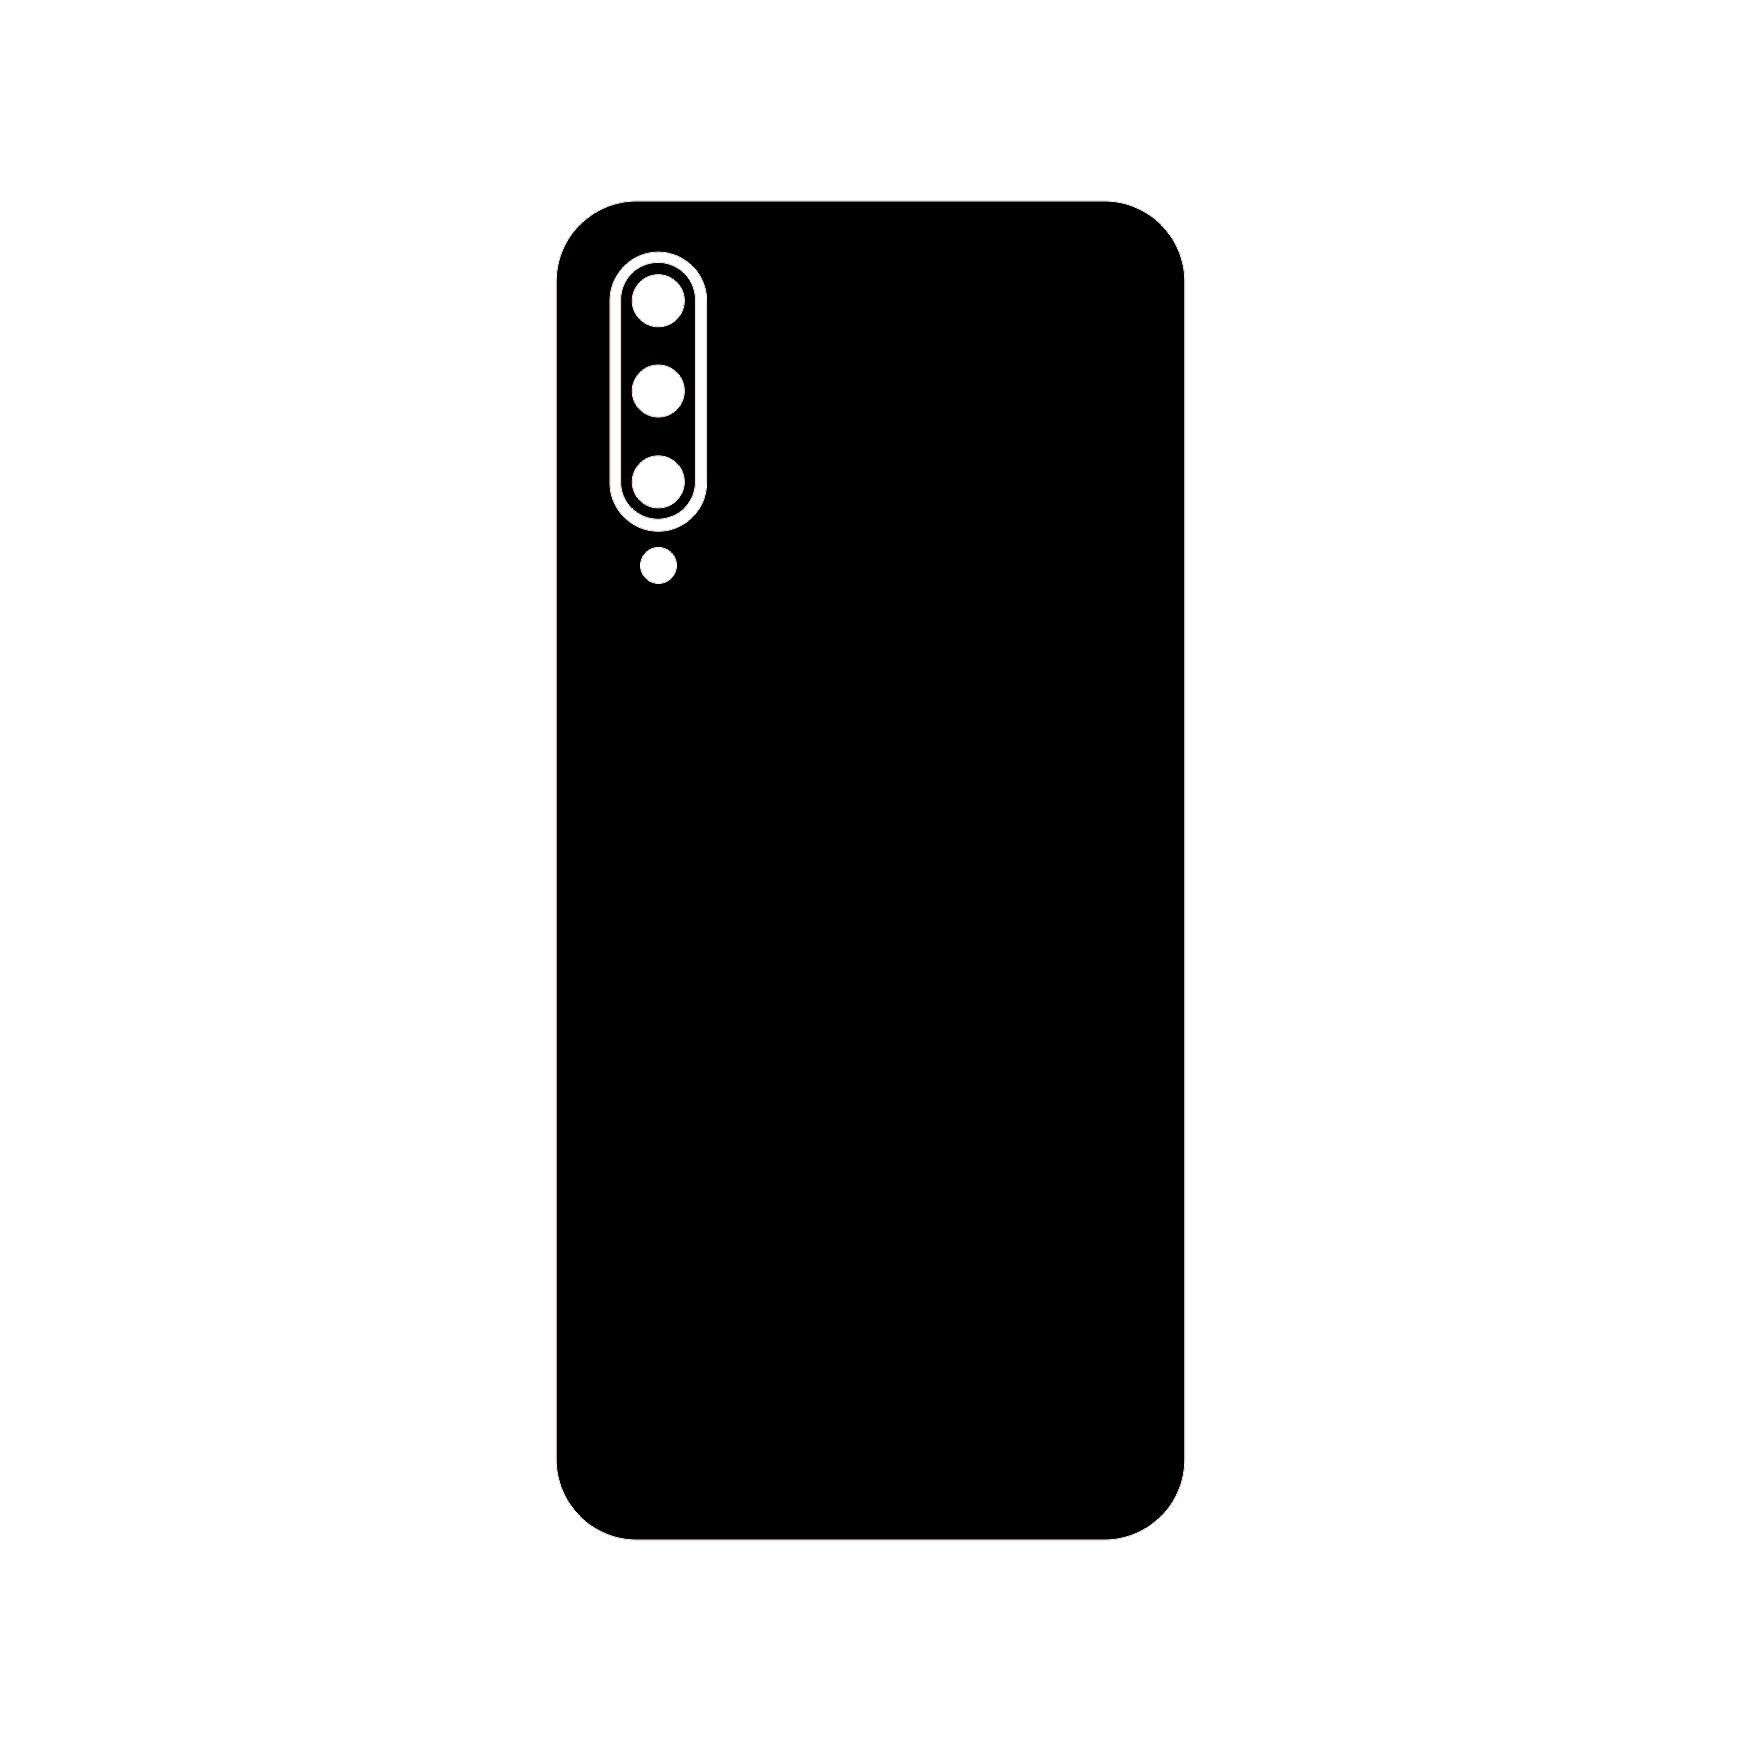 برچسب پوششی مدل 1004 مناسب برای گوشی موبایل شیائومی Mi A3